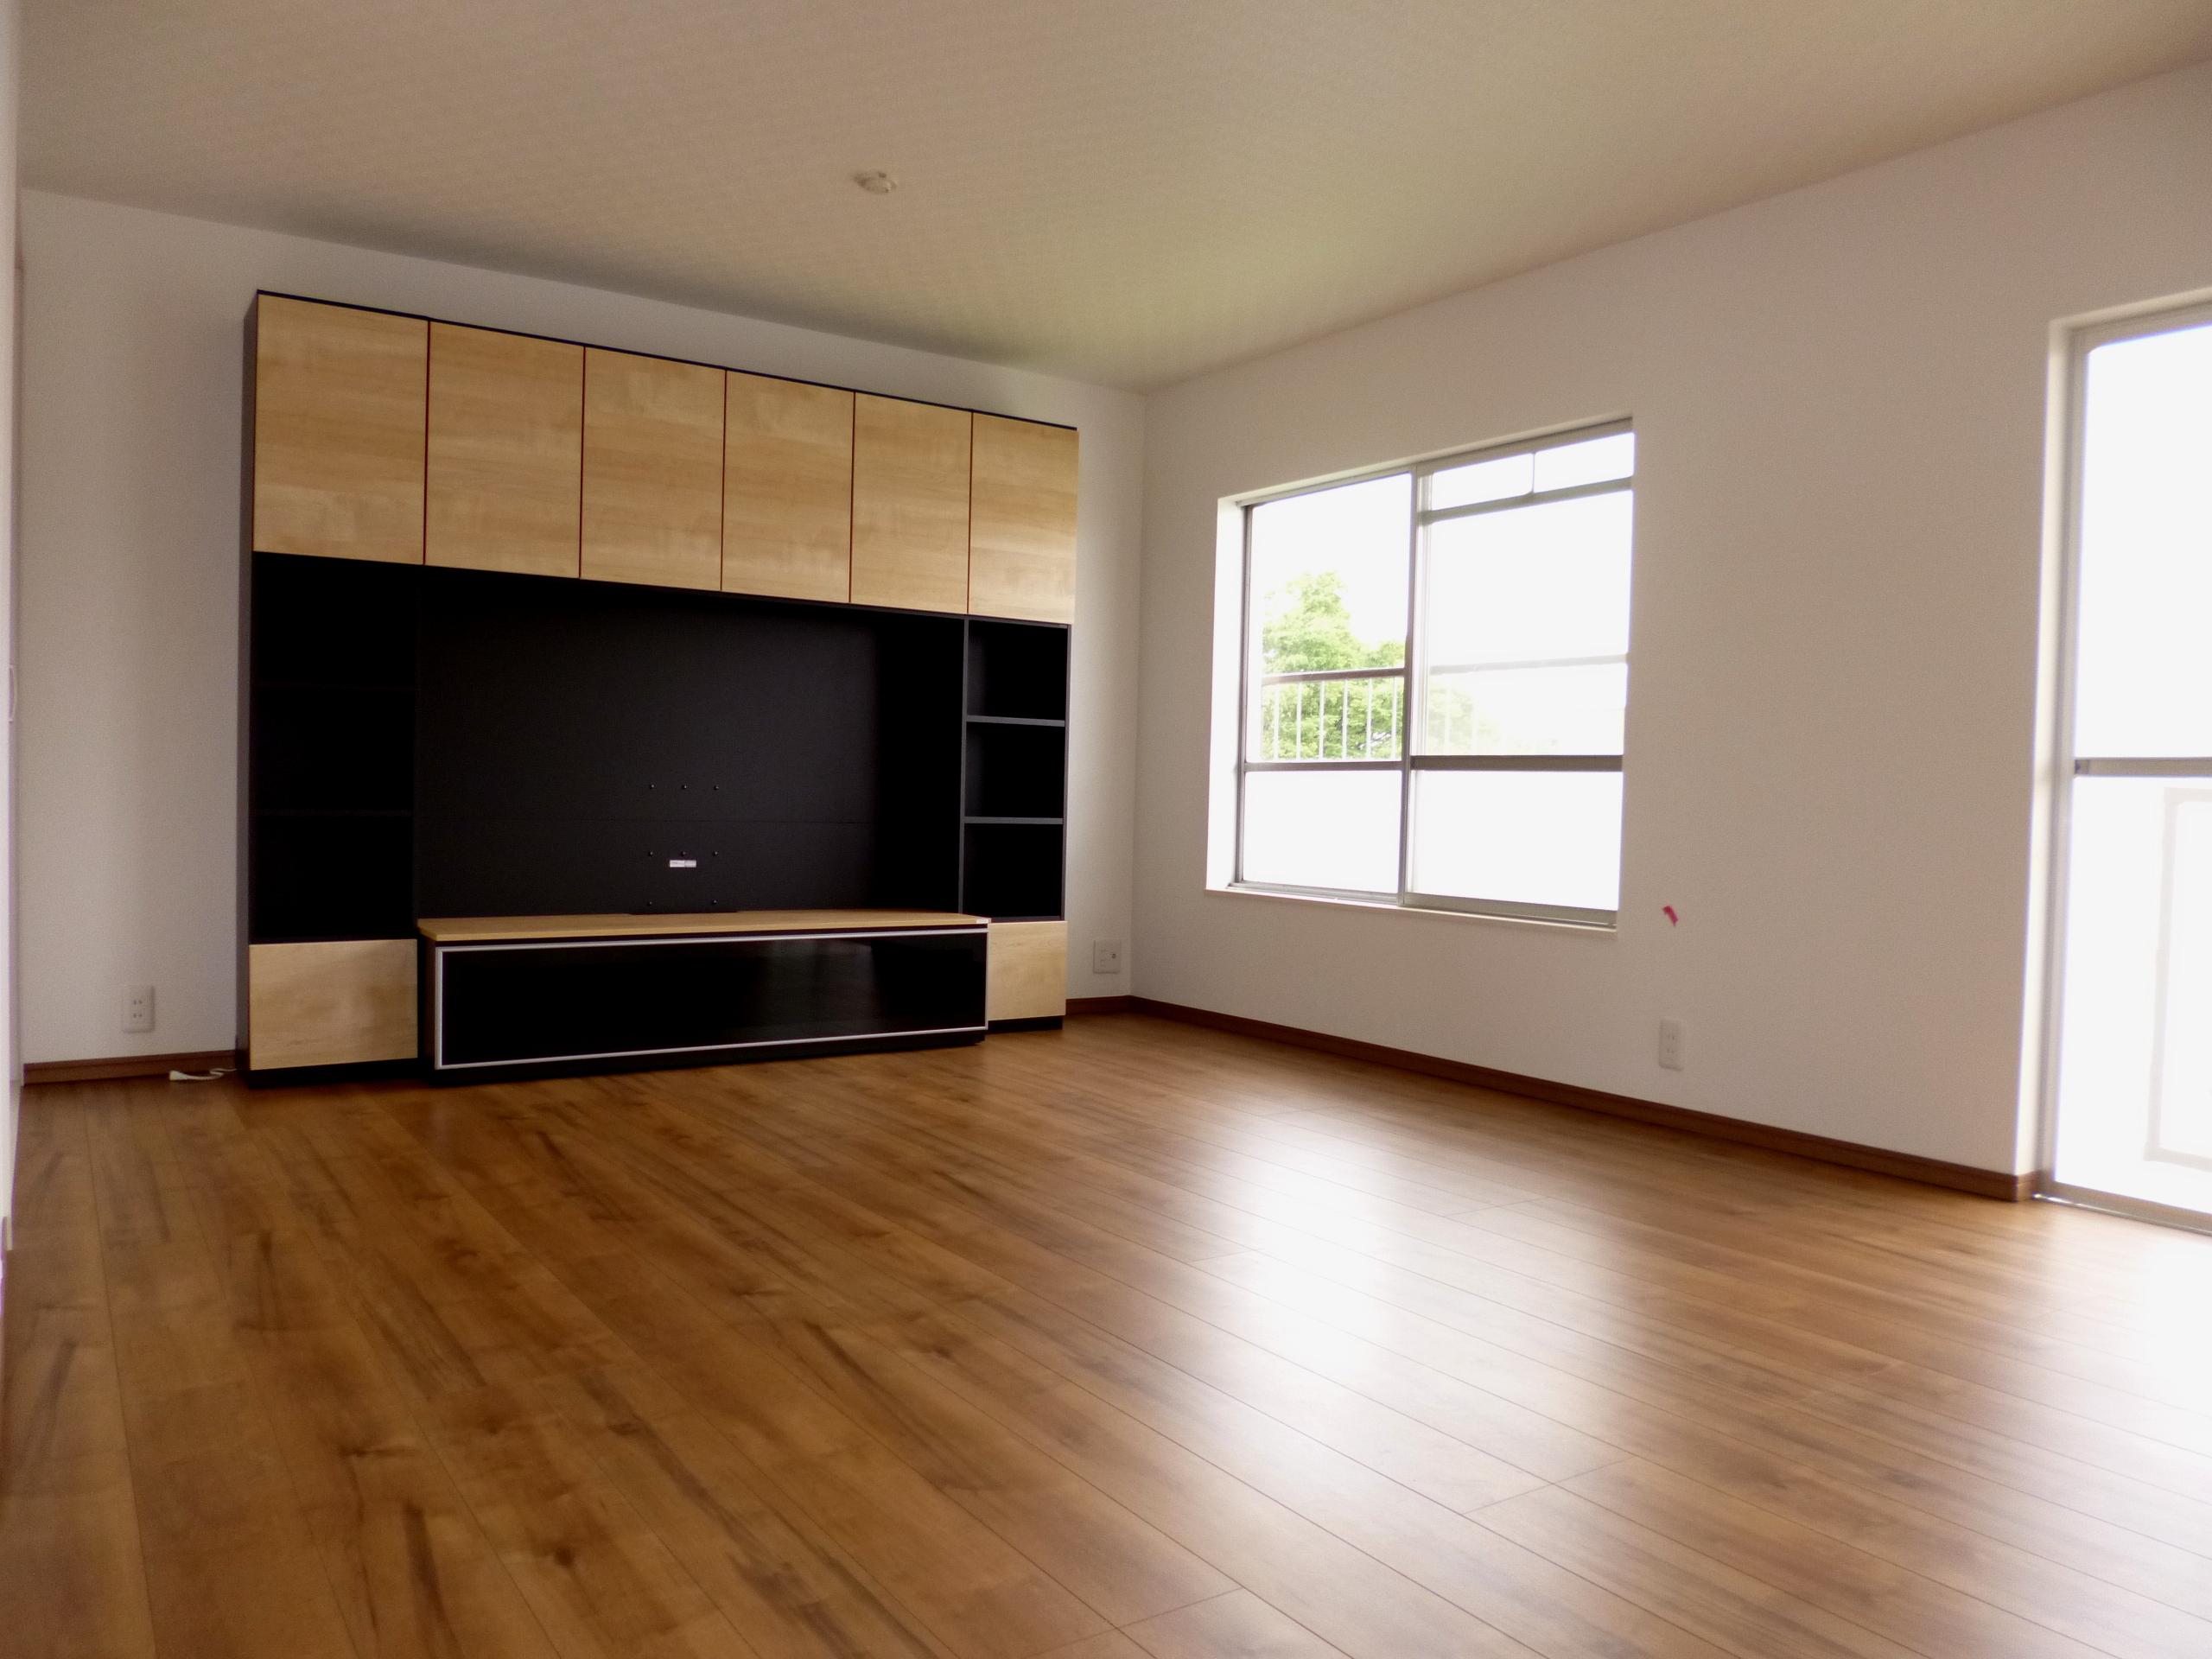 開放的な空間になった後のお部屋の画像です